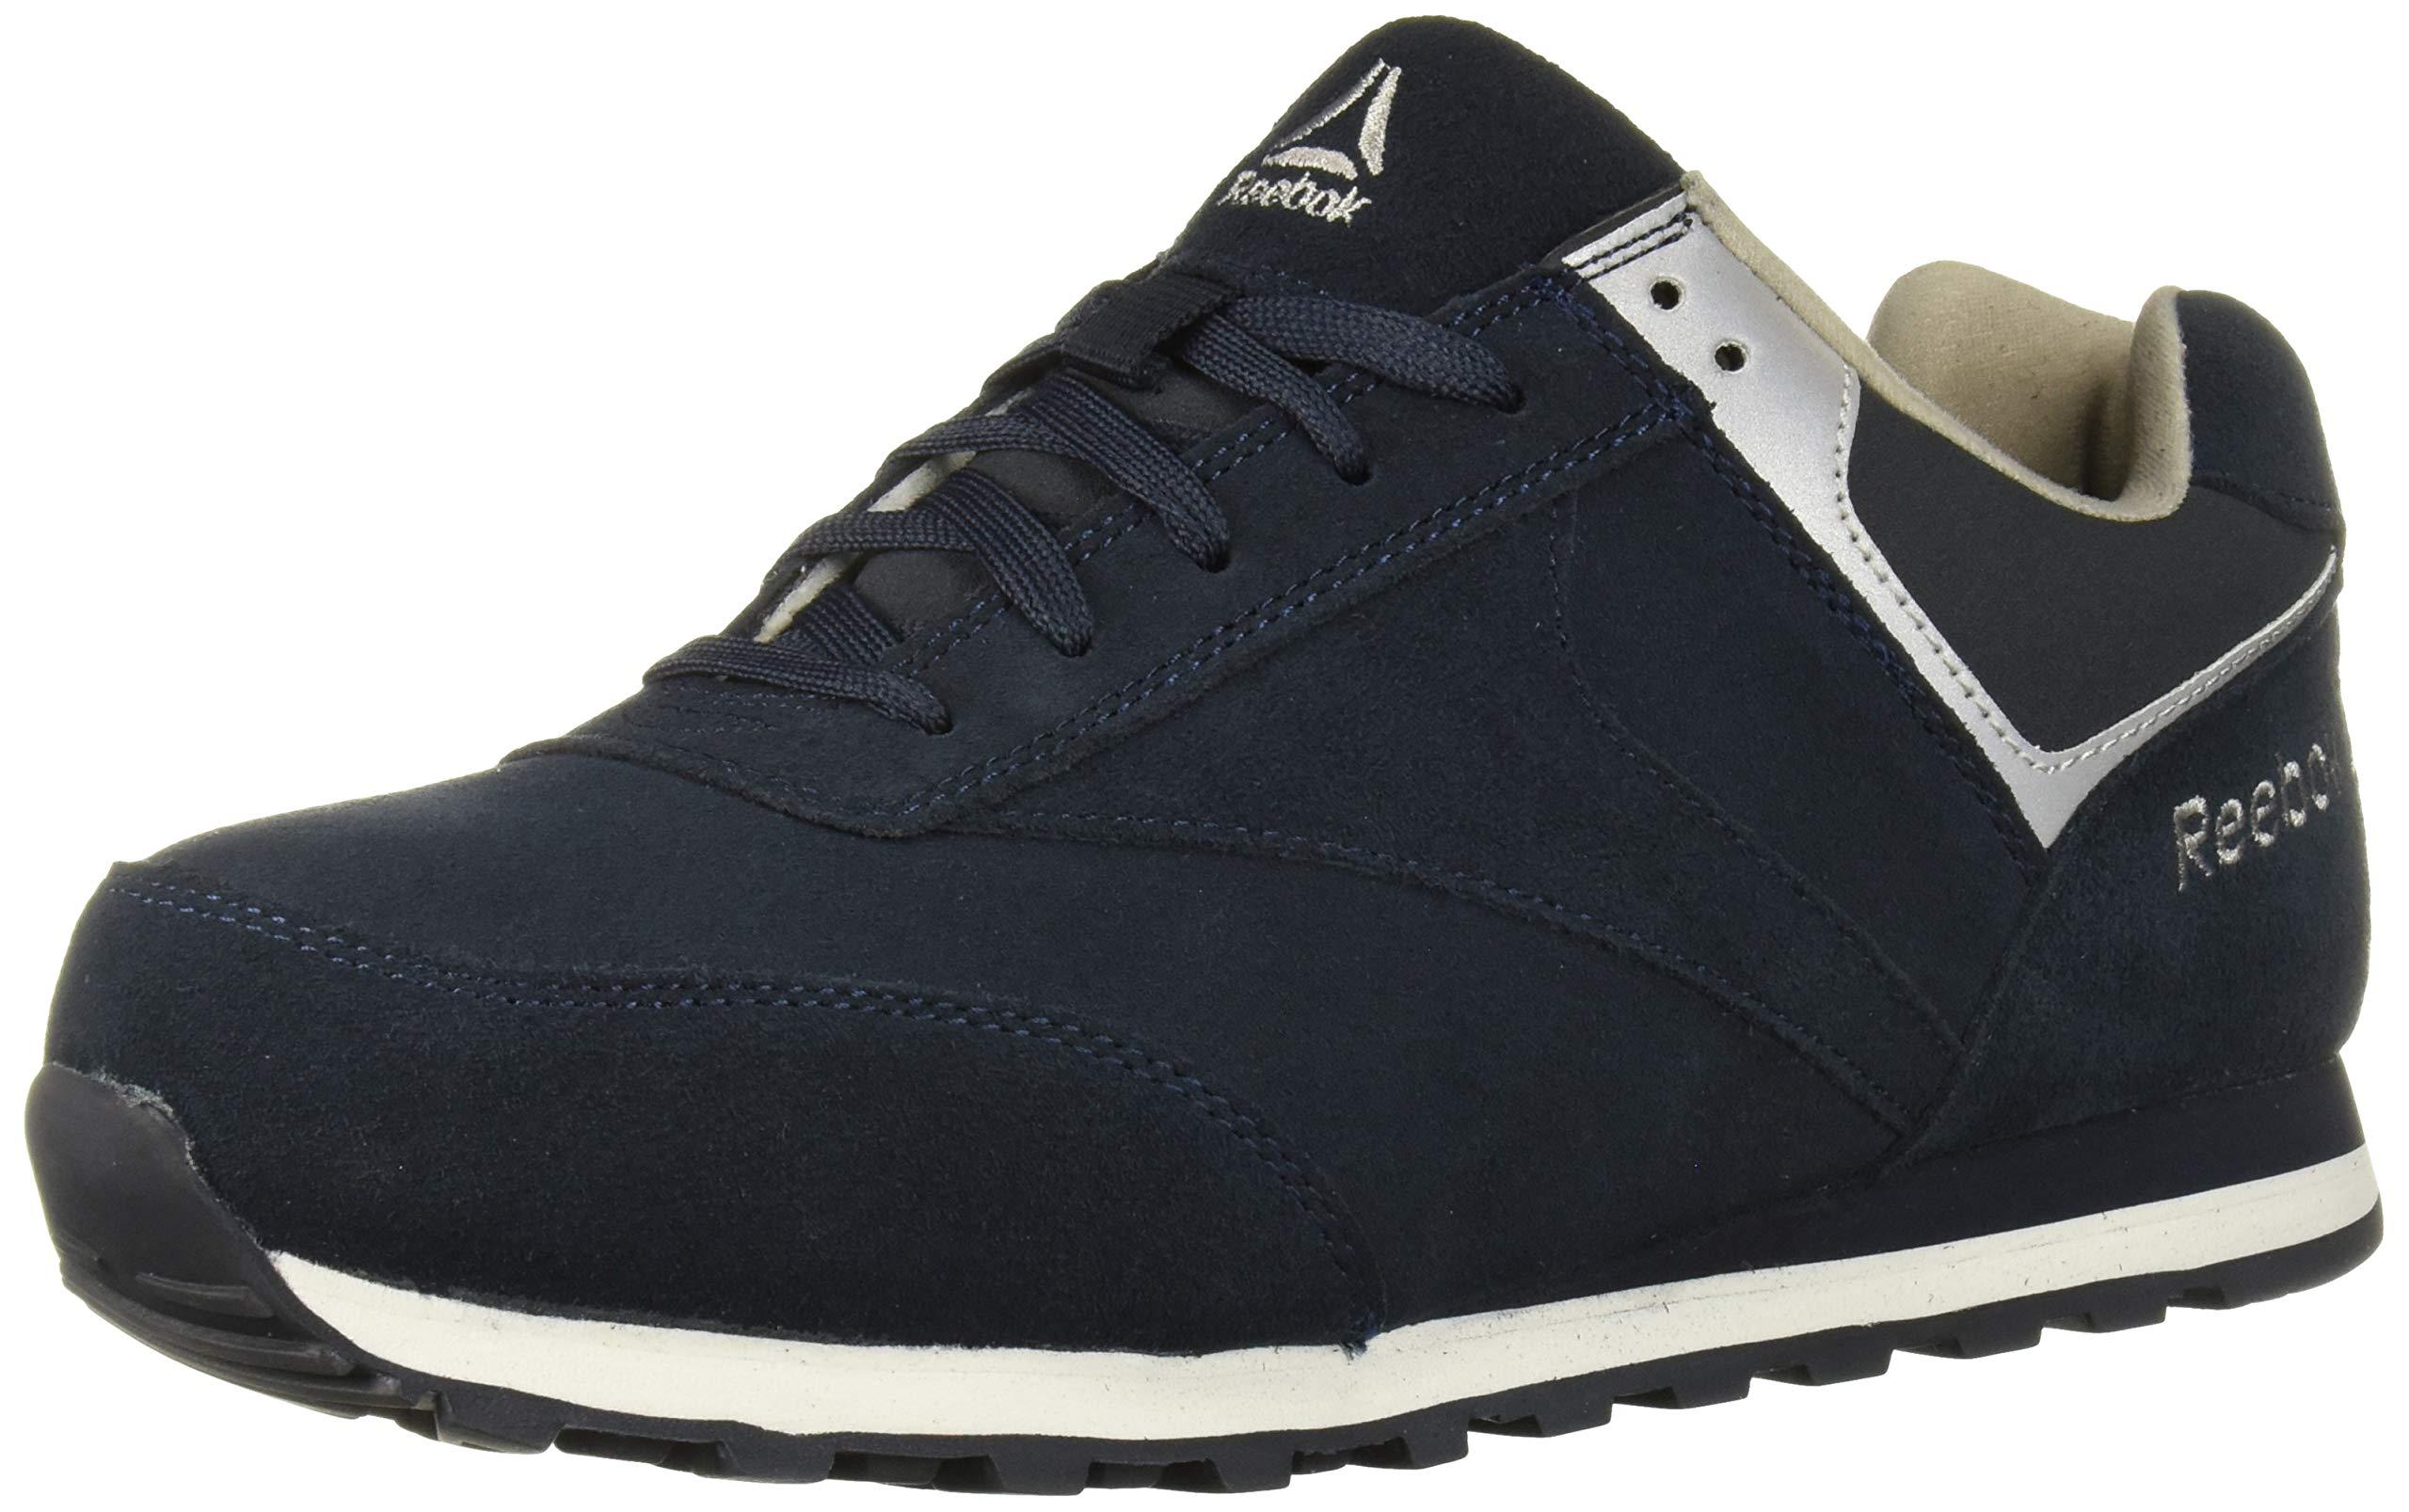 Reebok Work Men's Leelap RB1975 Safety Shoe,Blue,11 M US by Reebok Work